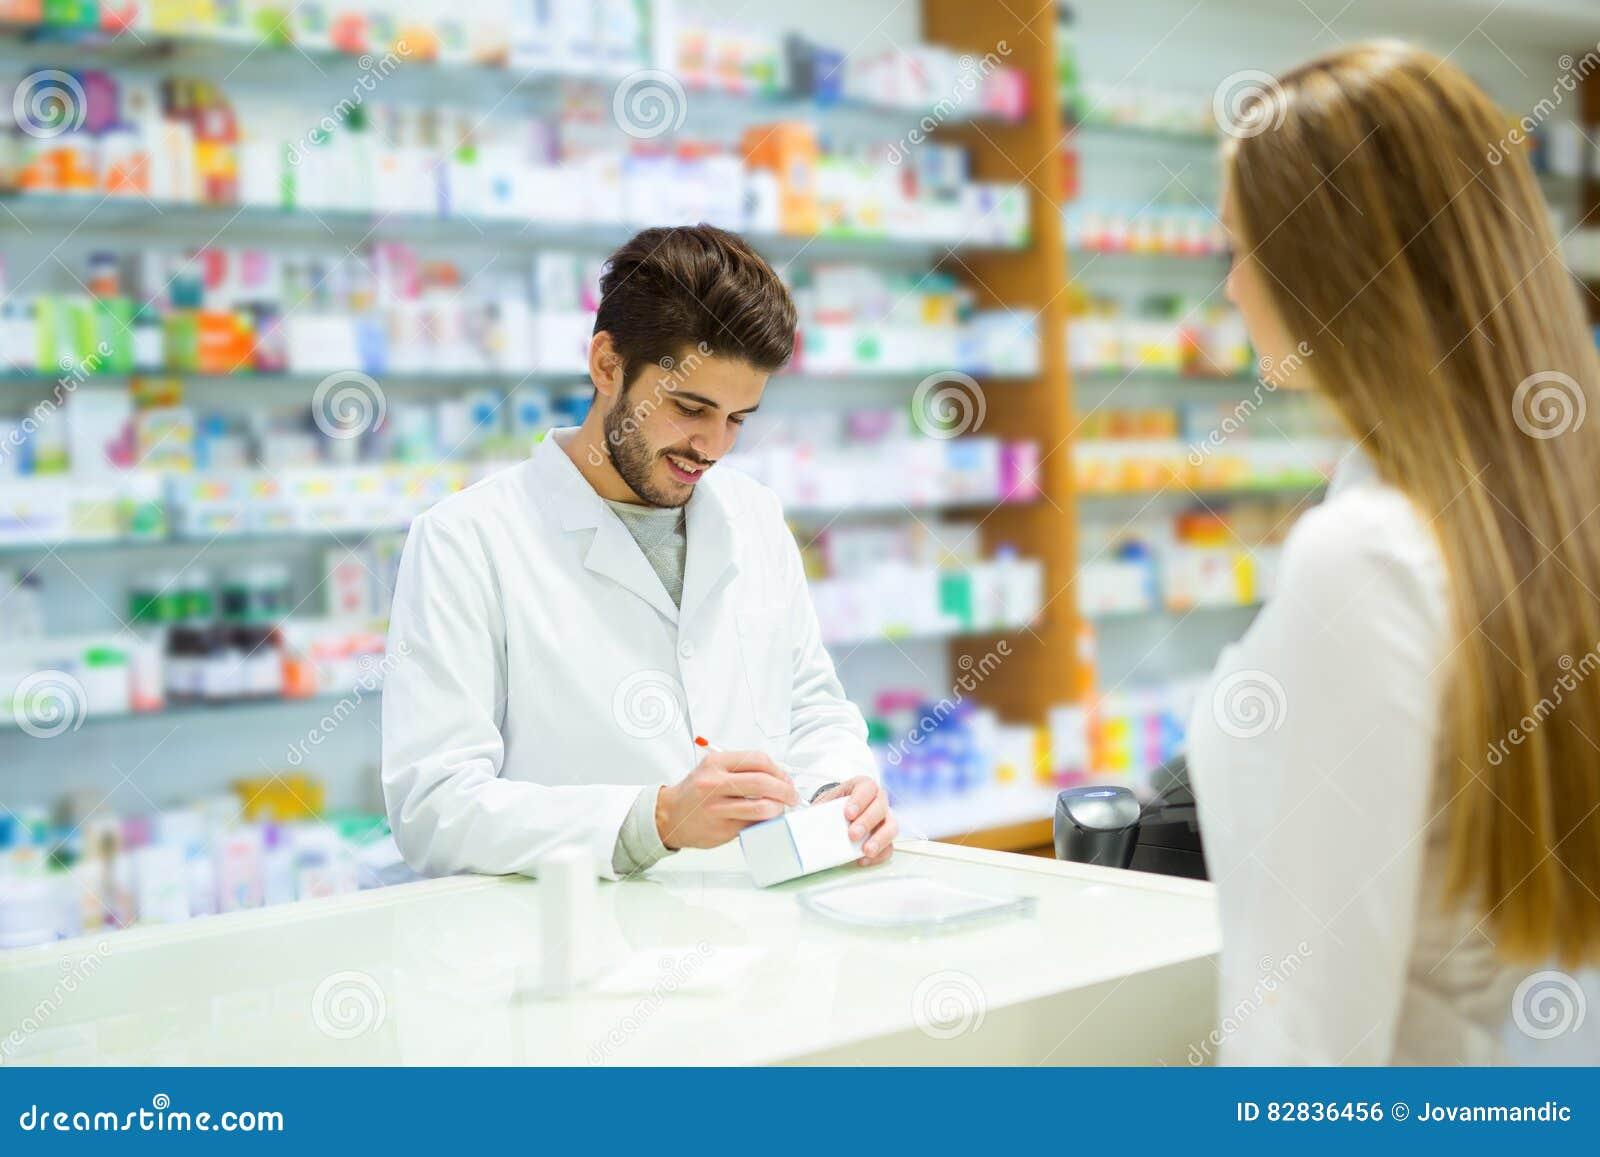 Doświadczona farmaceuta doradza żeńskiego klienta w aptece